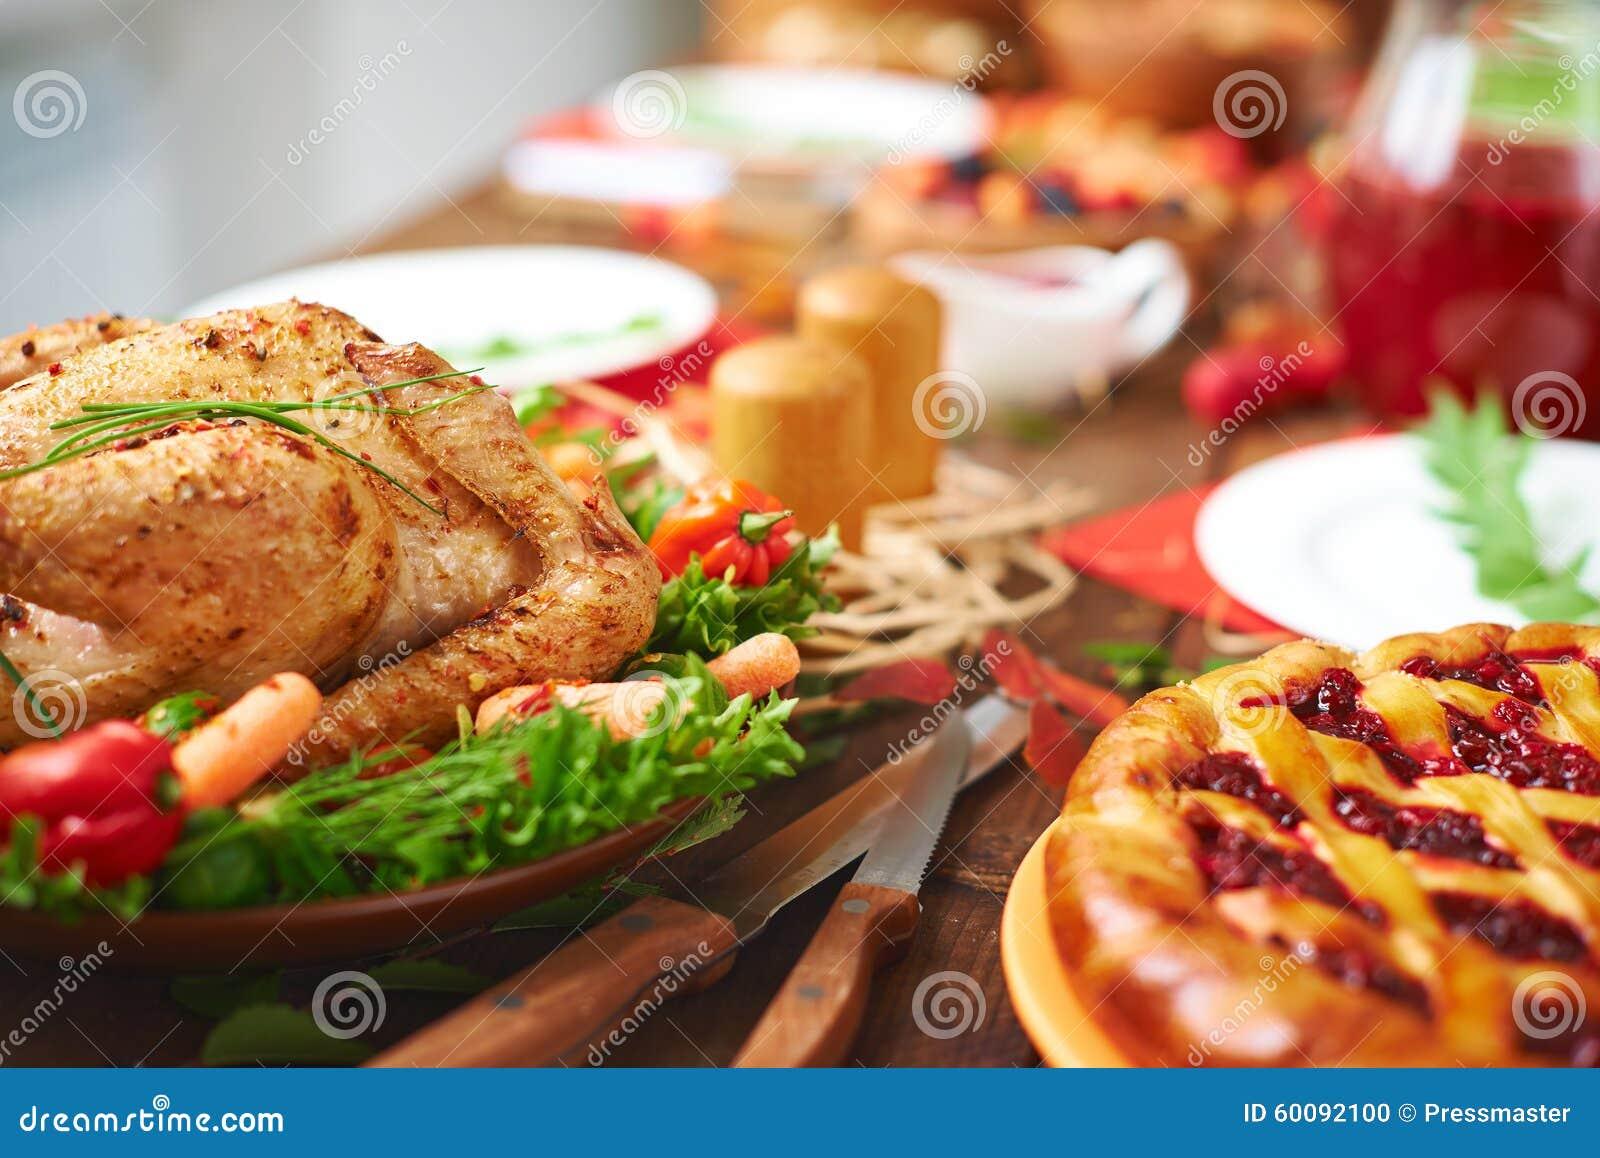 Tradycyjne jedzenie